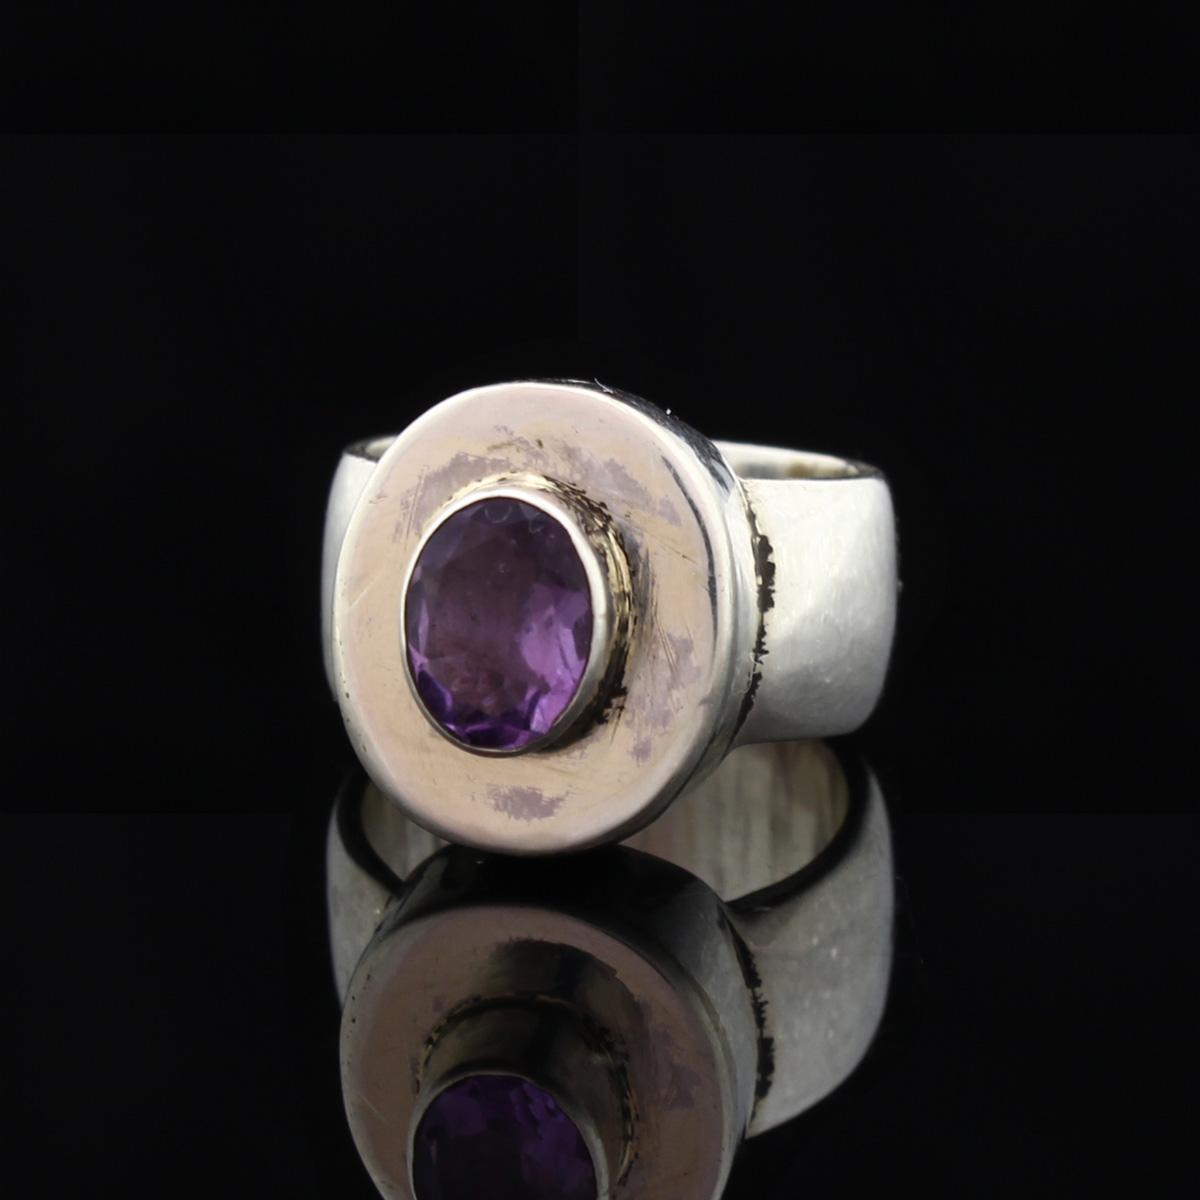 Кольцо, серебро, натуральный камень, Аметист, 12.15 г, проба 875, размер 16.5